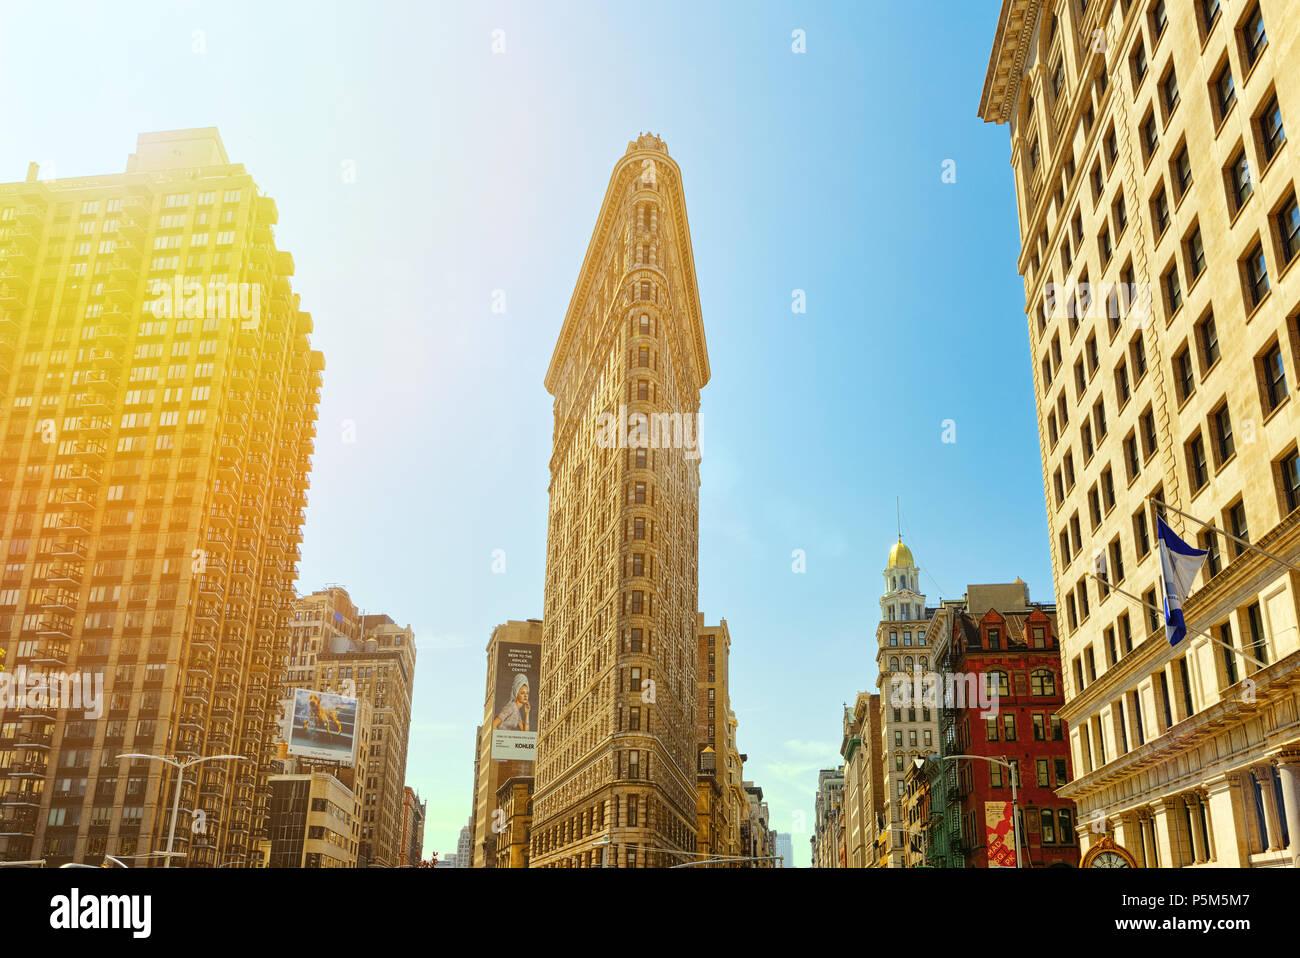 New York, Stati Uniti d'America - 14 Agosto 2017 : Flatiron Building sulla Quinta Avenue vicino Madison Square Park. Vedute urbane di New York. Street, cittadini e turisti su di esso. Foto Stock